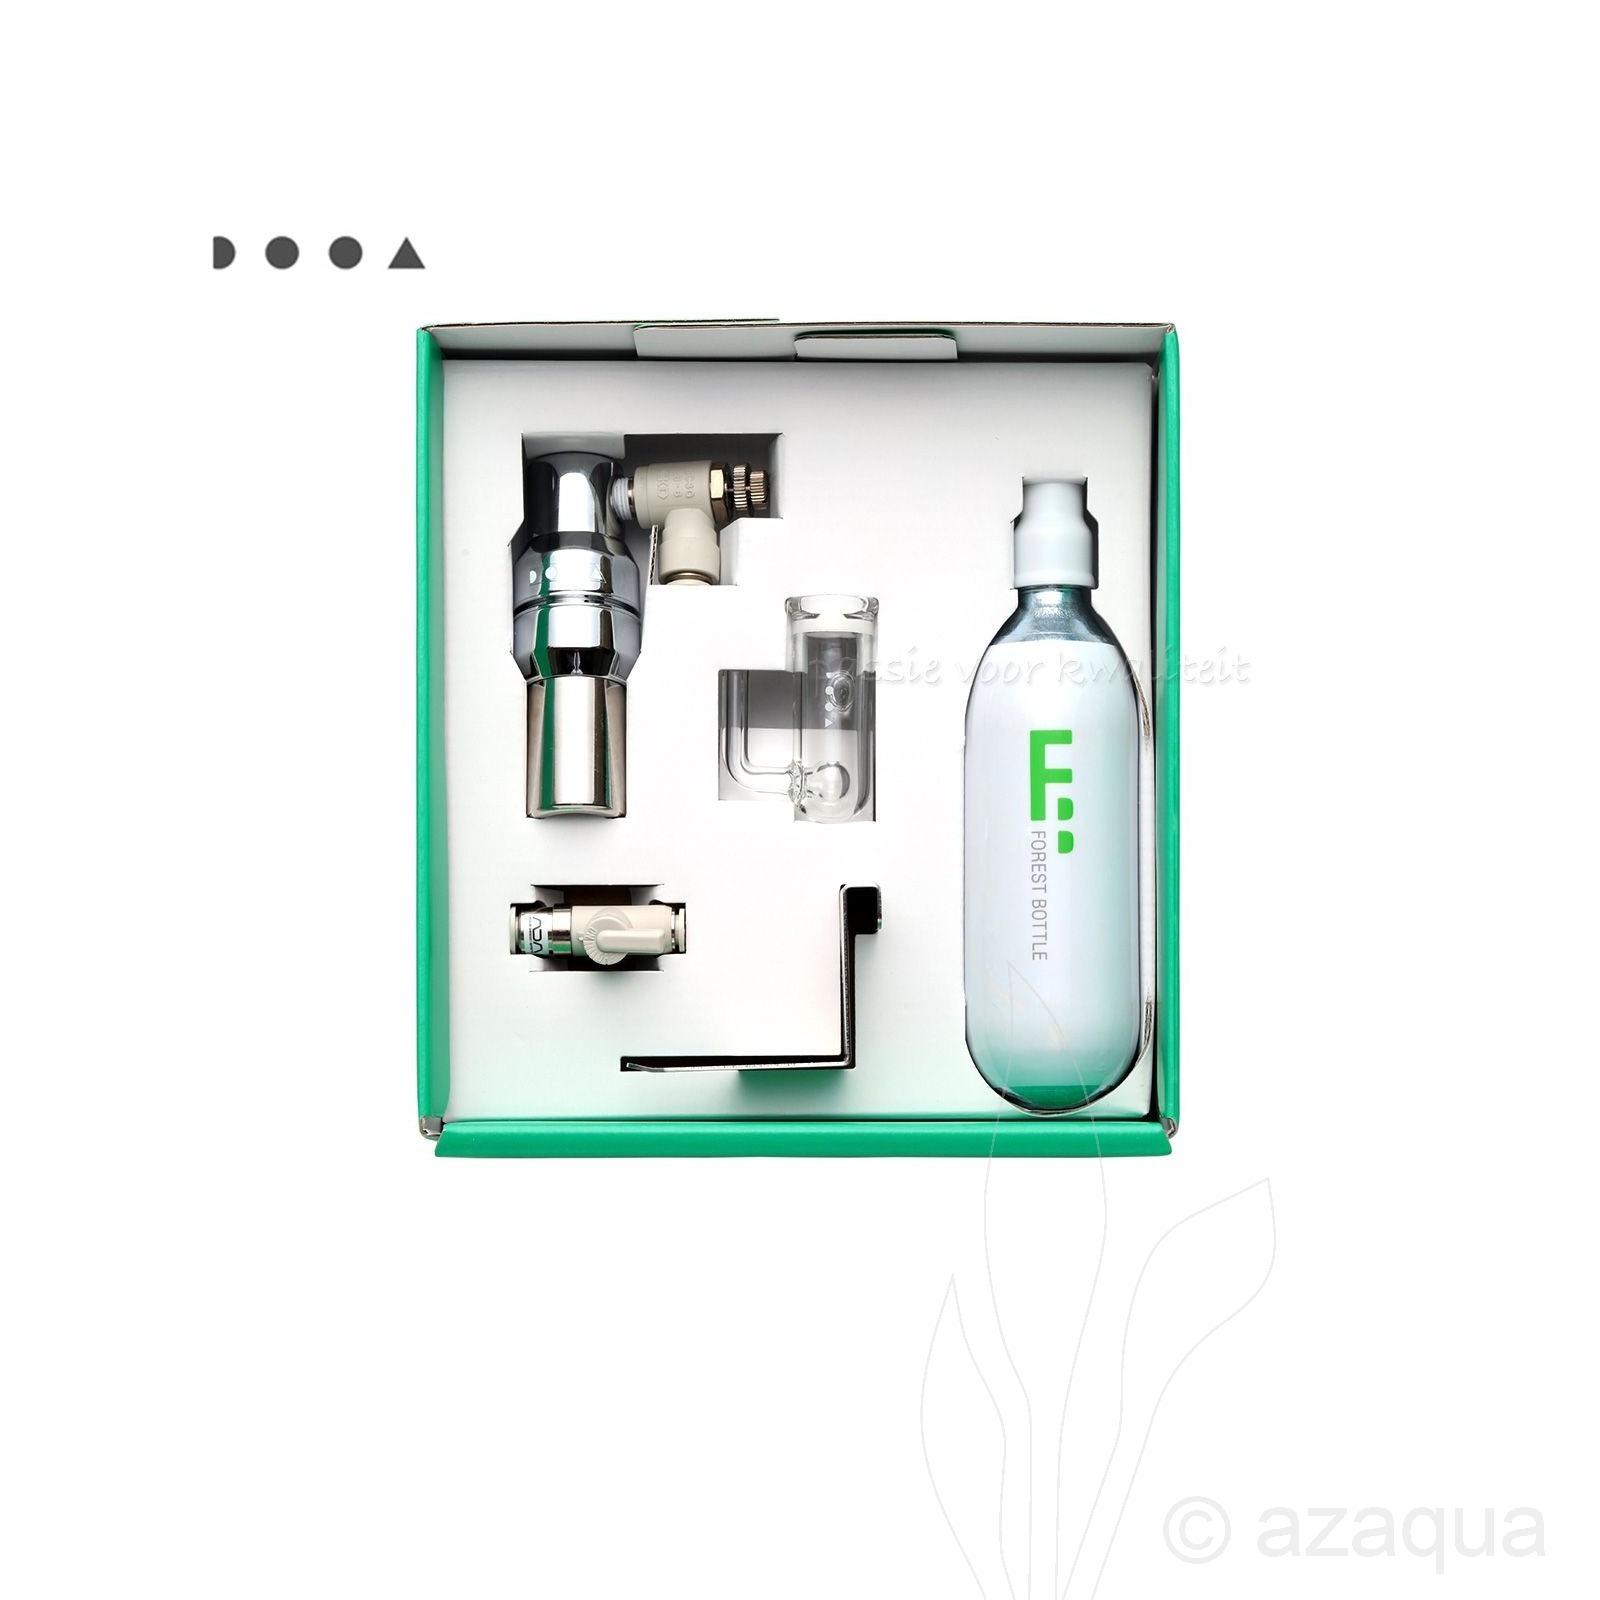 DOOA CO2 System Kit